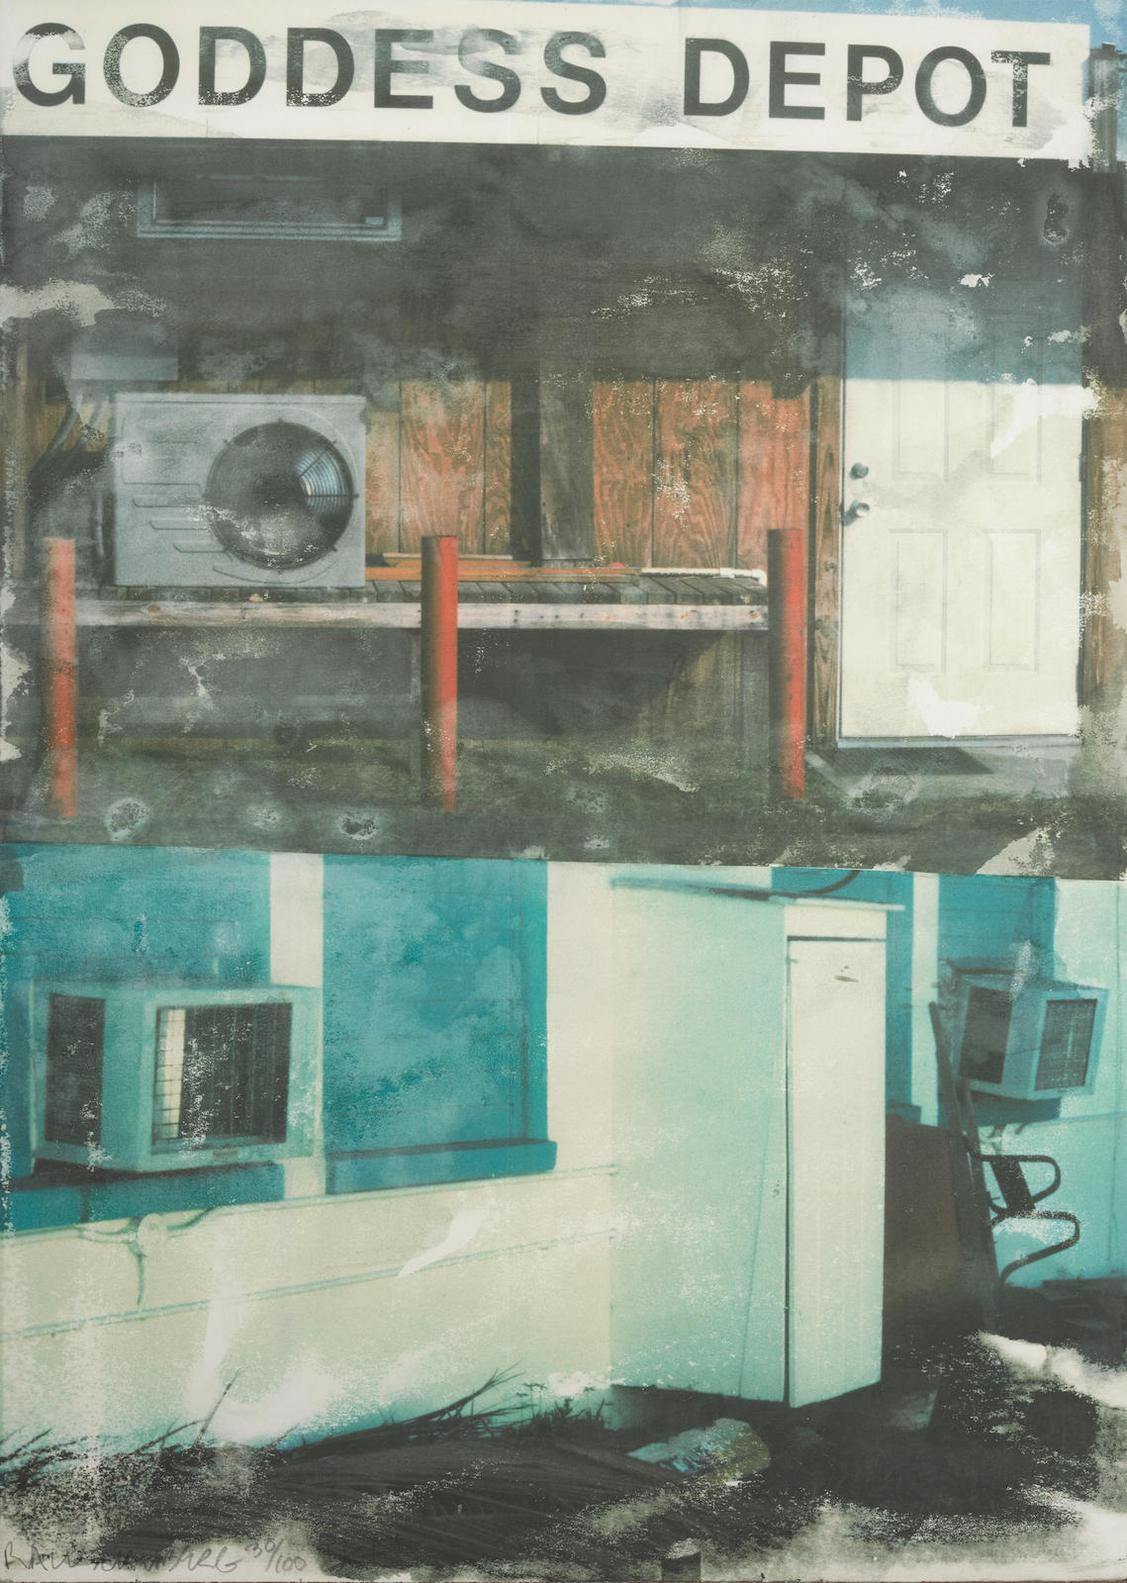 Robert Rauschenberg-In Transit (Goddess Depot)-2001